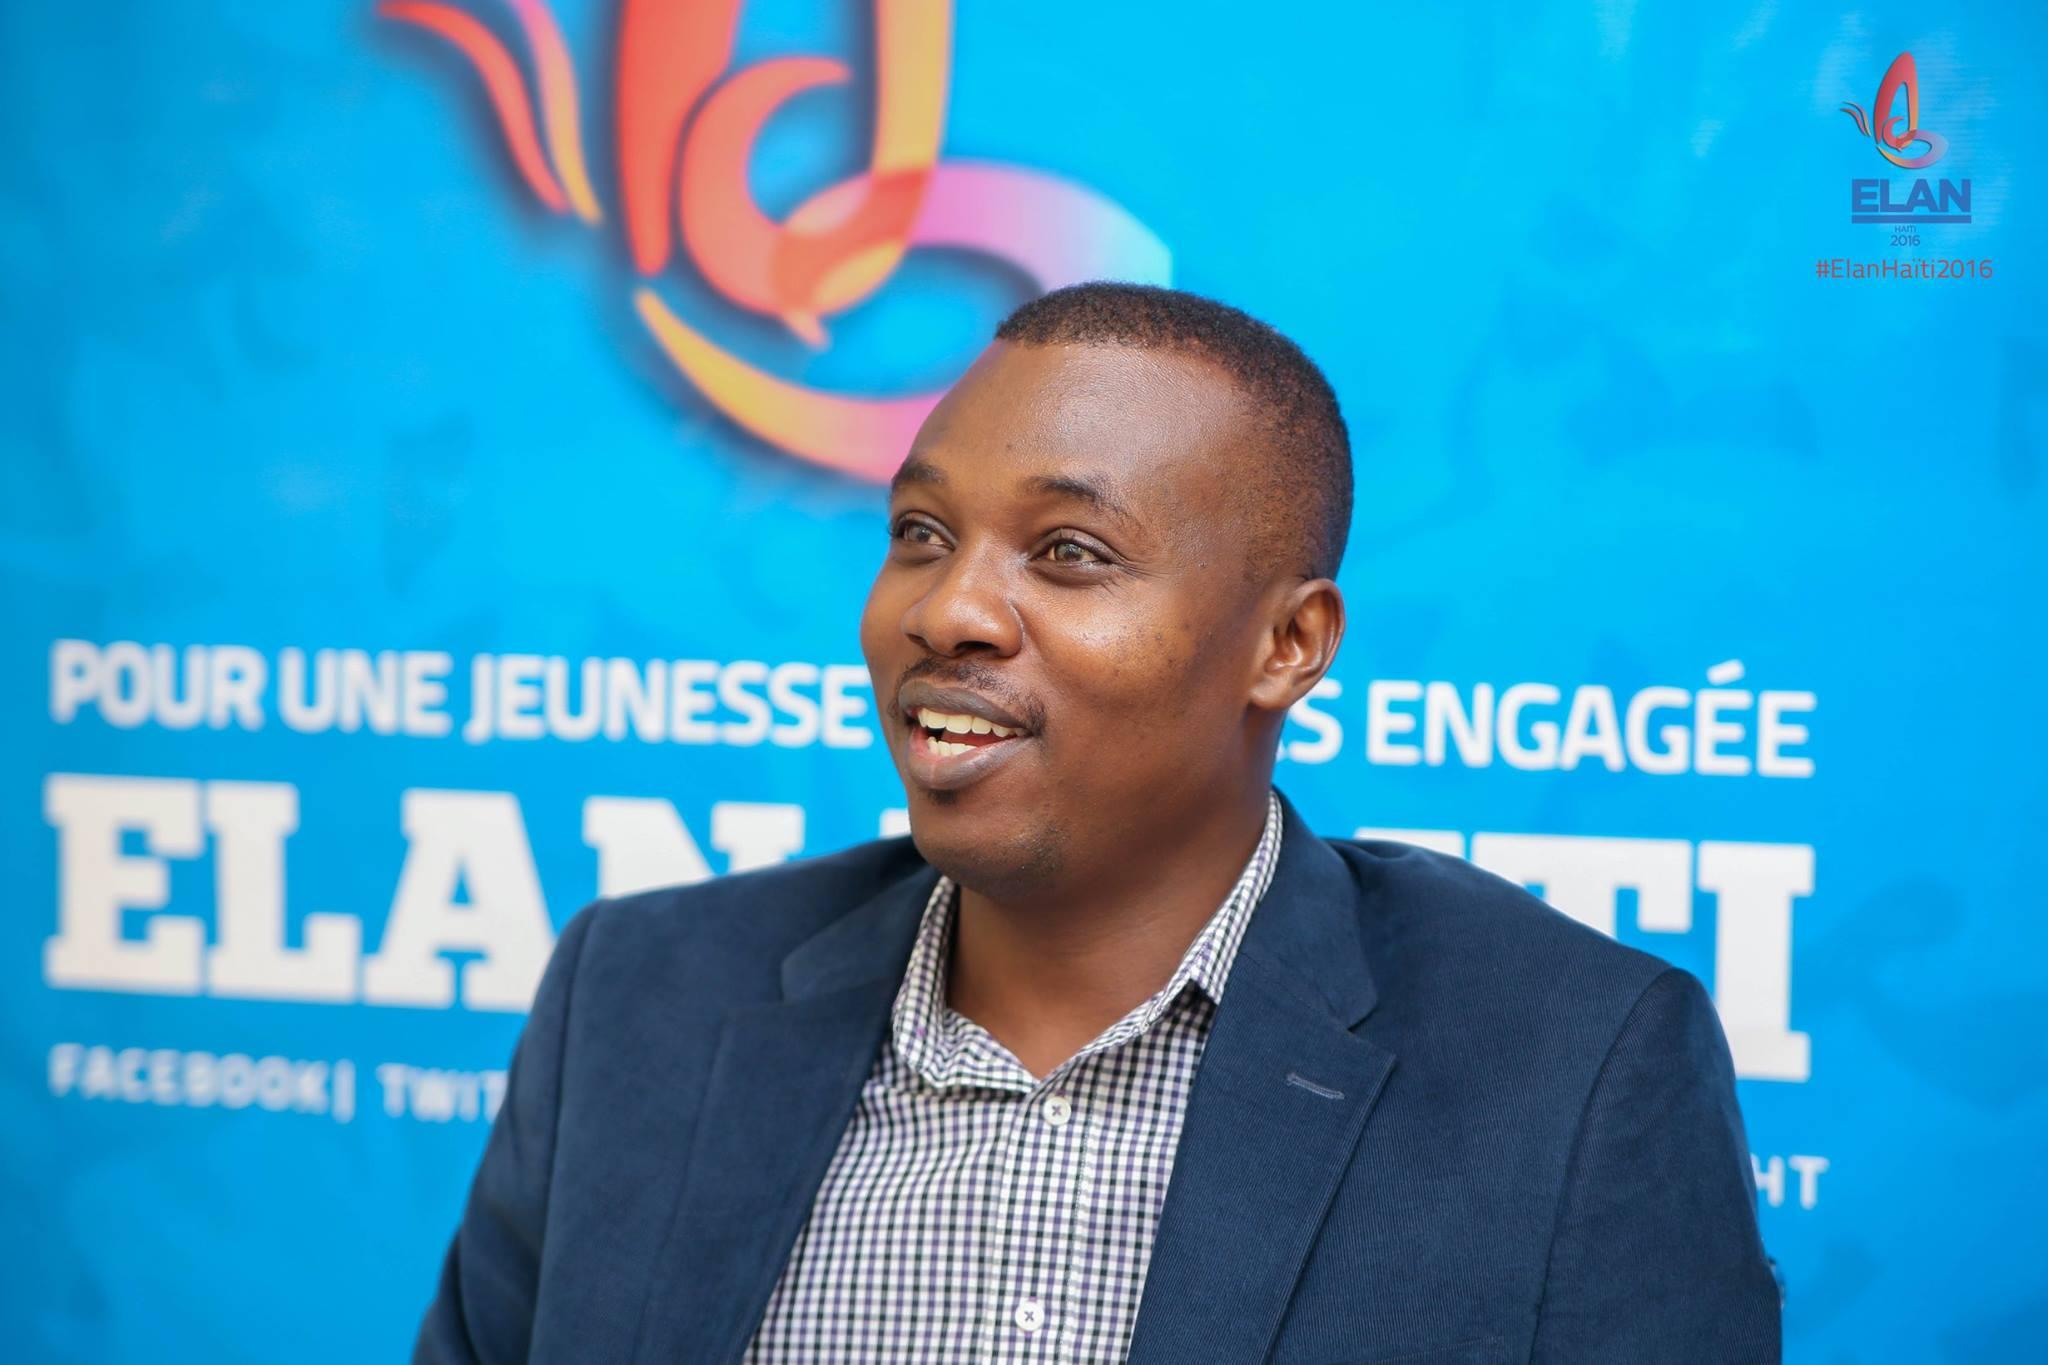 L'économiste haitien Rock André, invité au 9e Forum Economique de l'Amerique Latine et des Caraibes qui se tient le 9 juin à Paris.